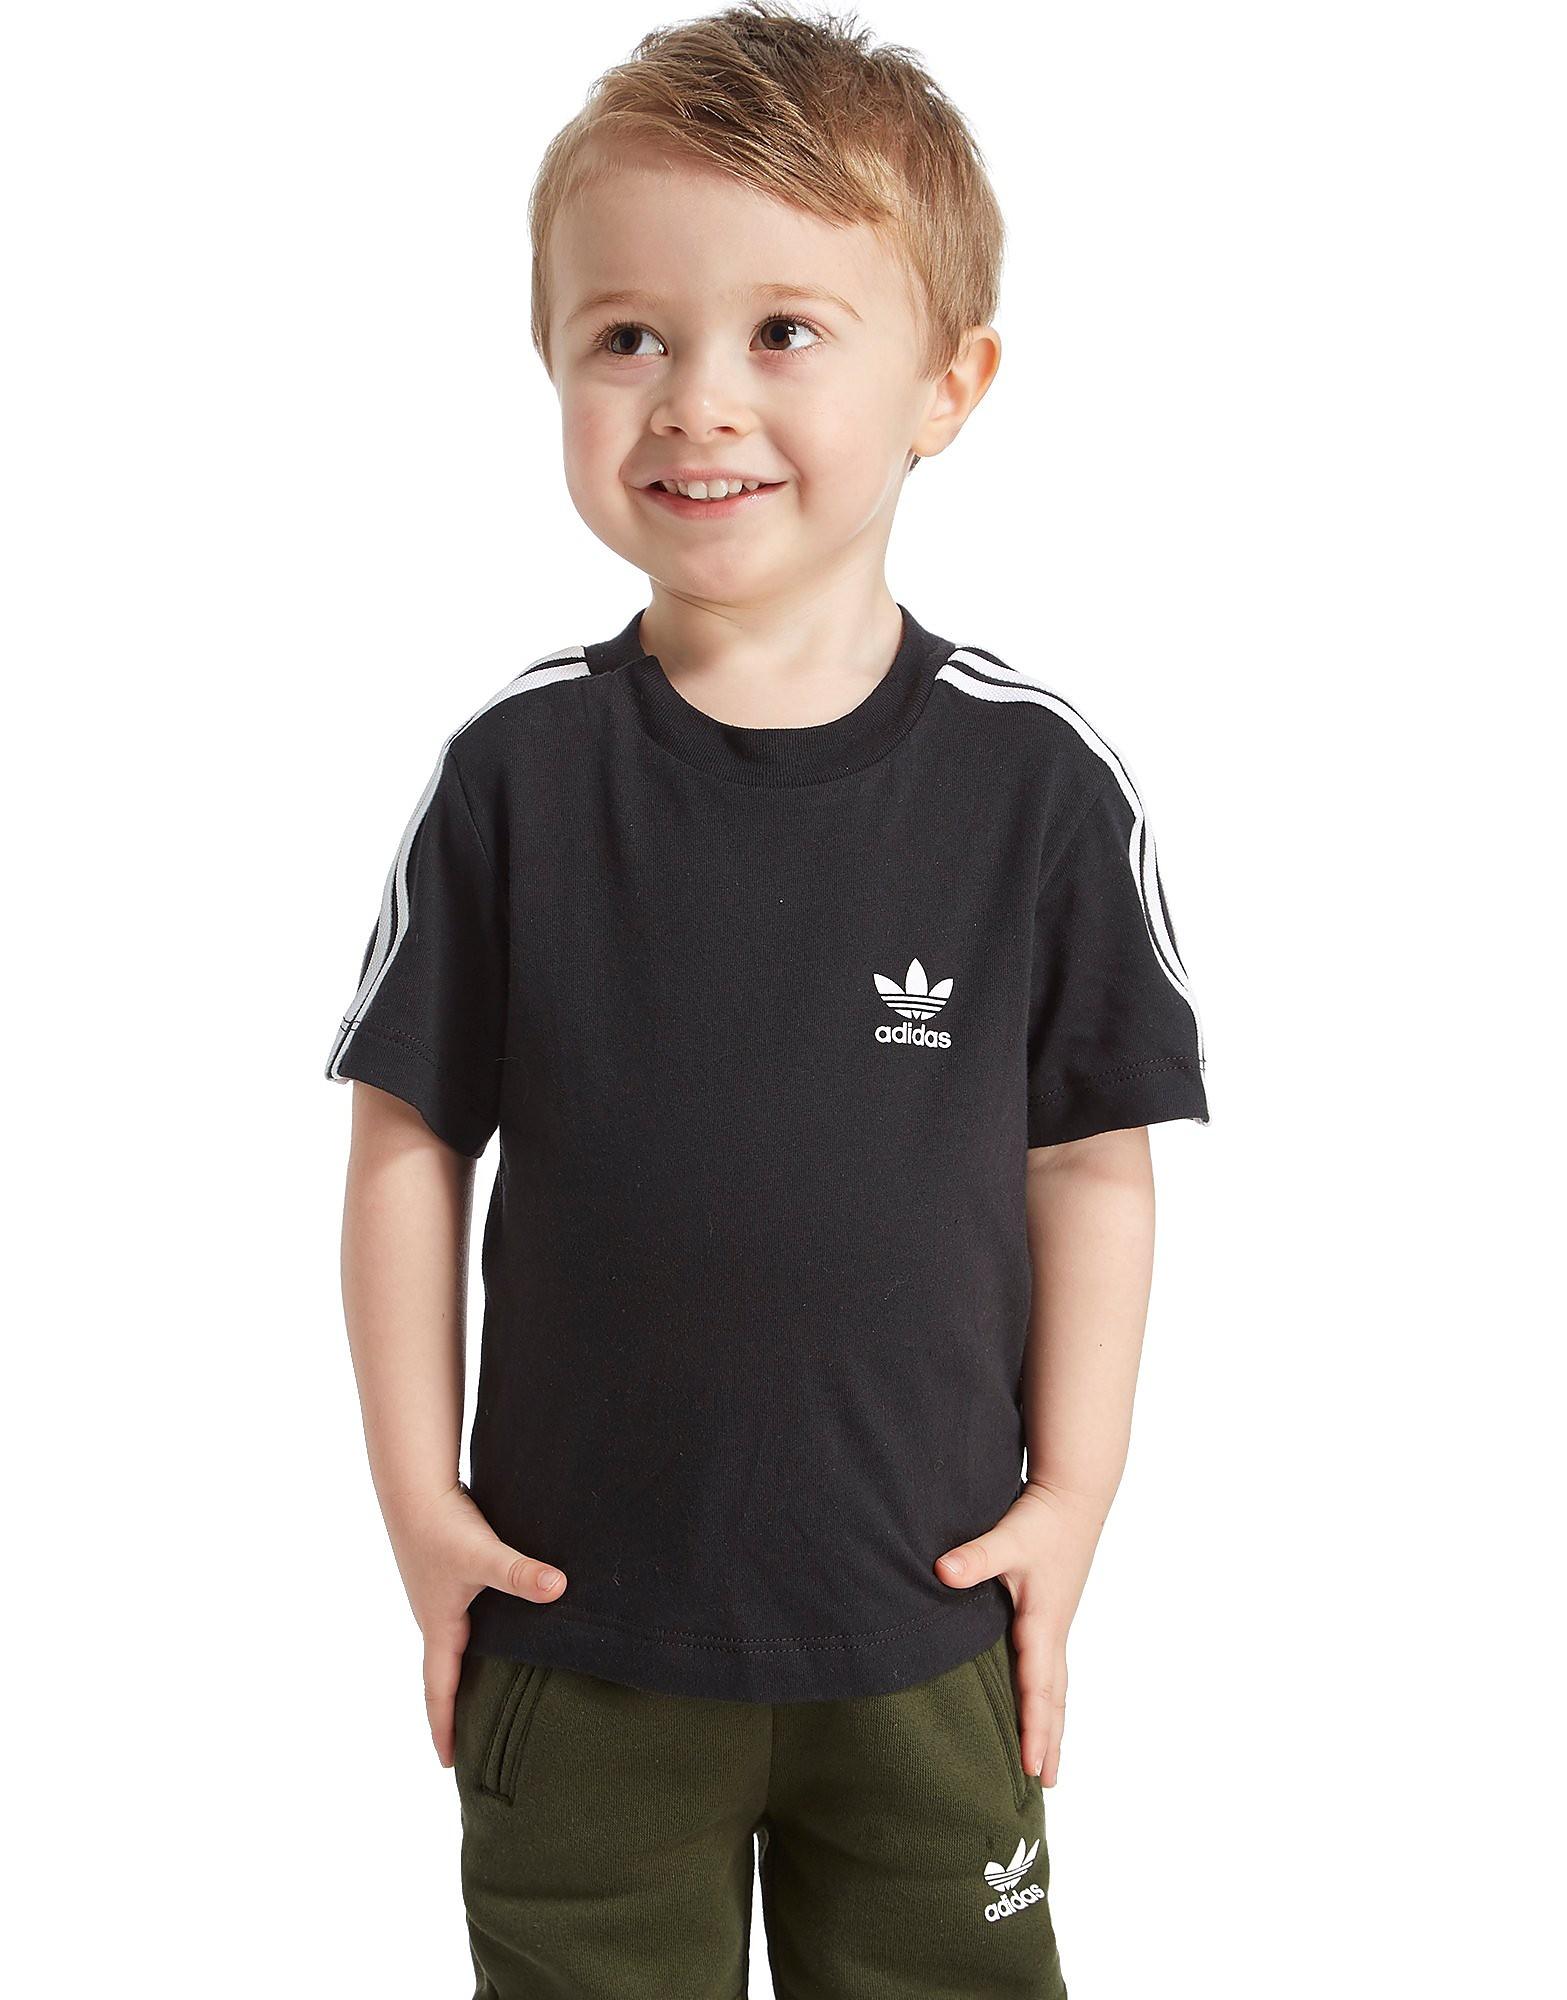 adidas Originals Trefoil T-Shirt Kleinkinder